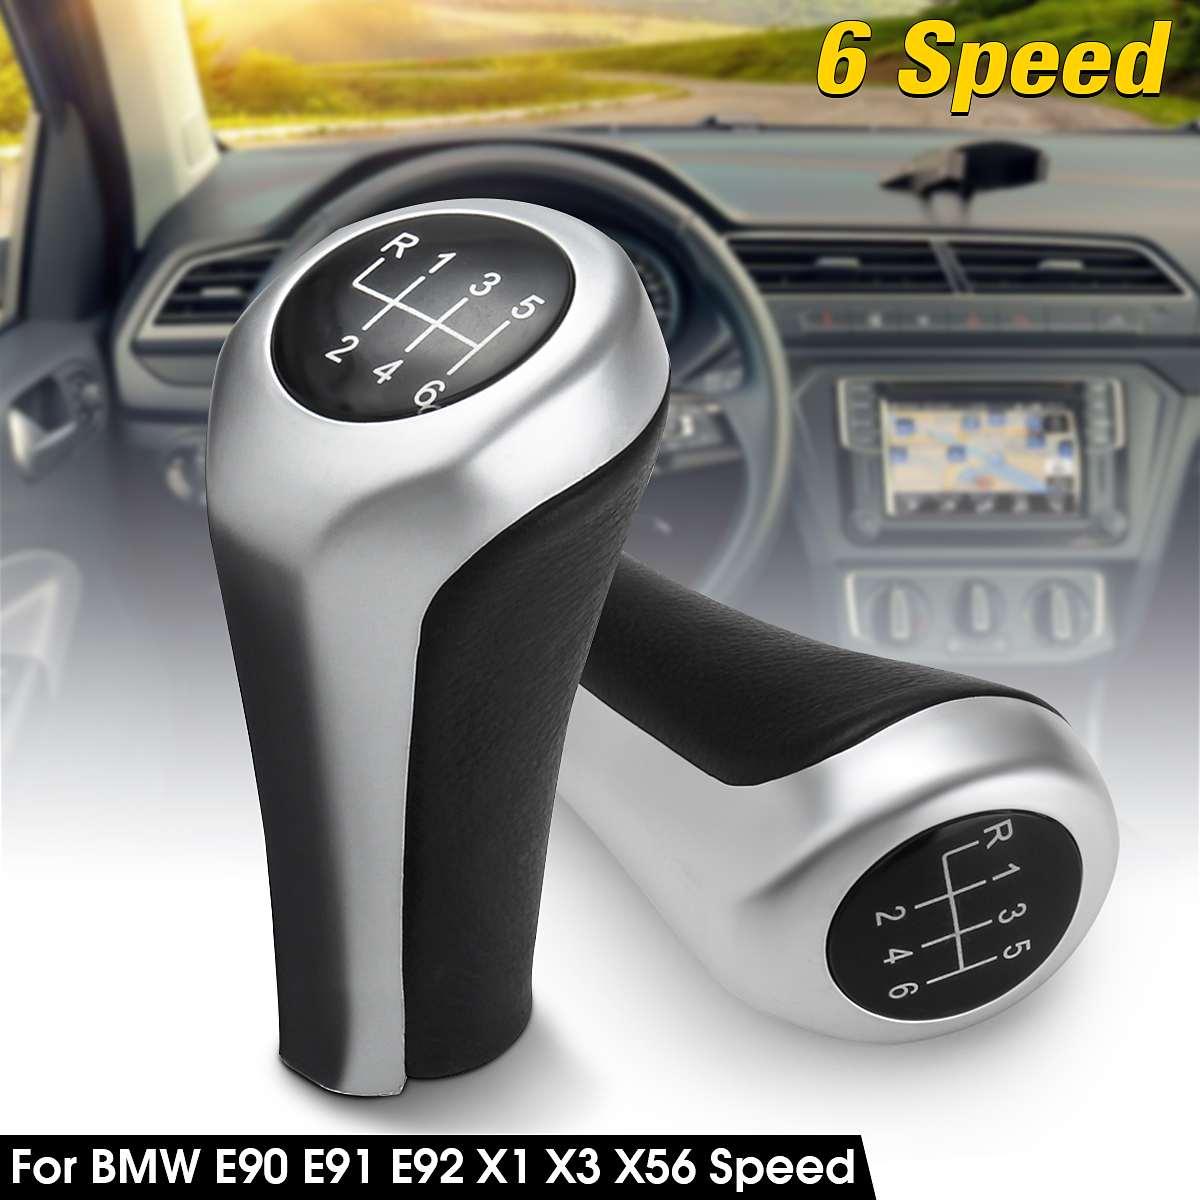 Carro de 6 velocidades botão shifter shifter para bmw e46 e90 e91 e92 x1 x3 x5